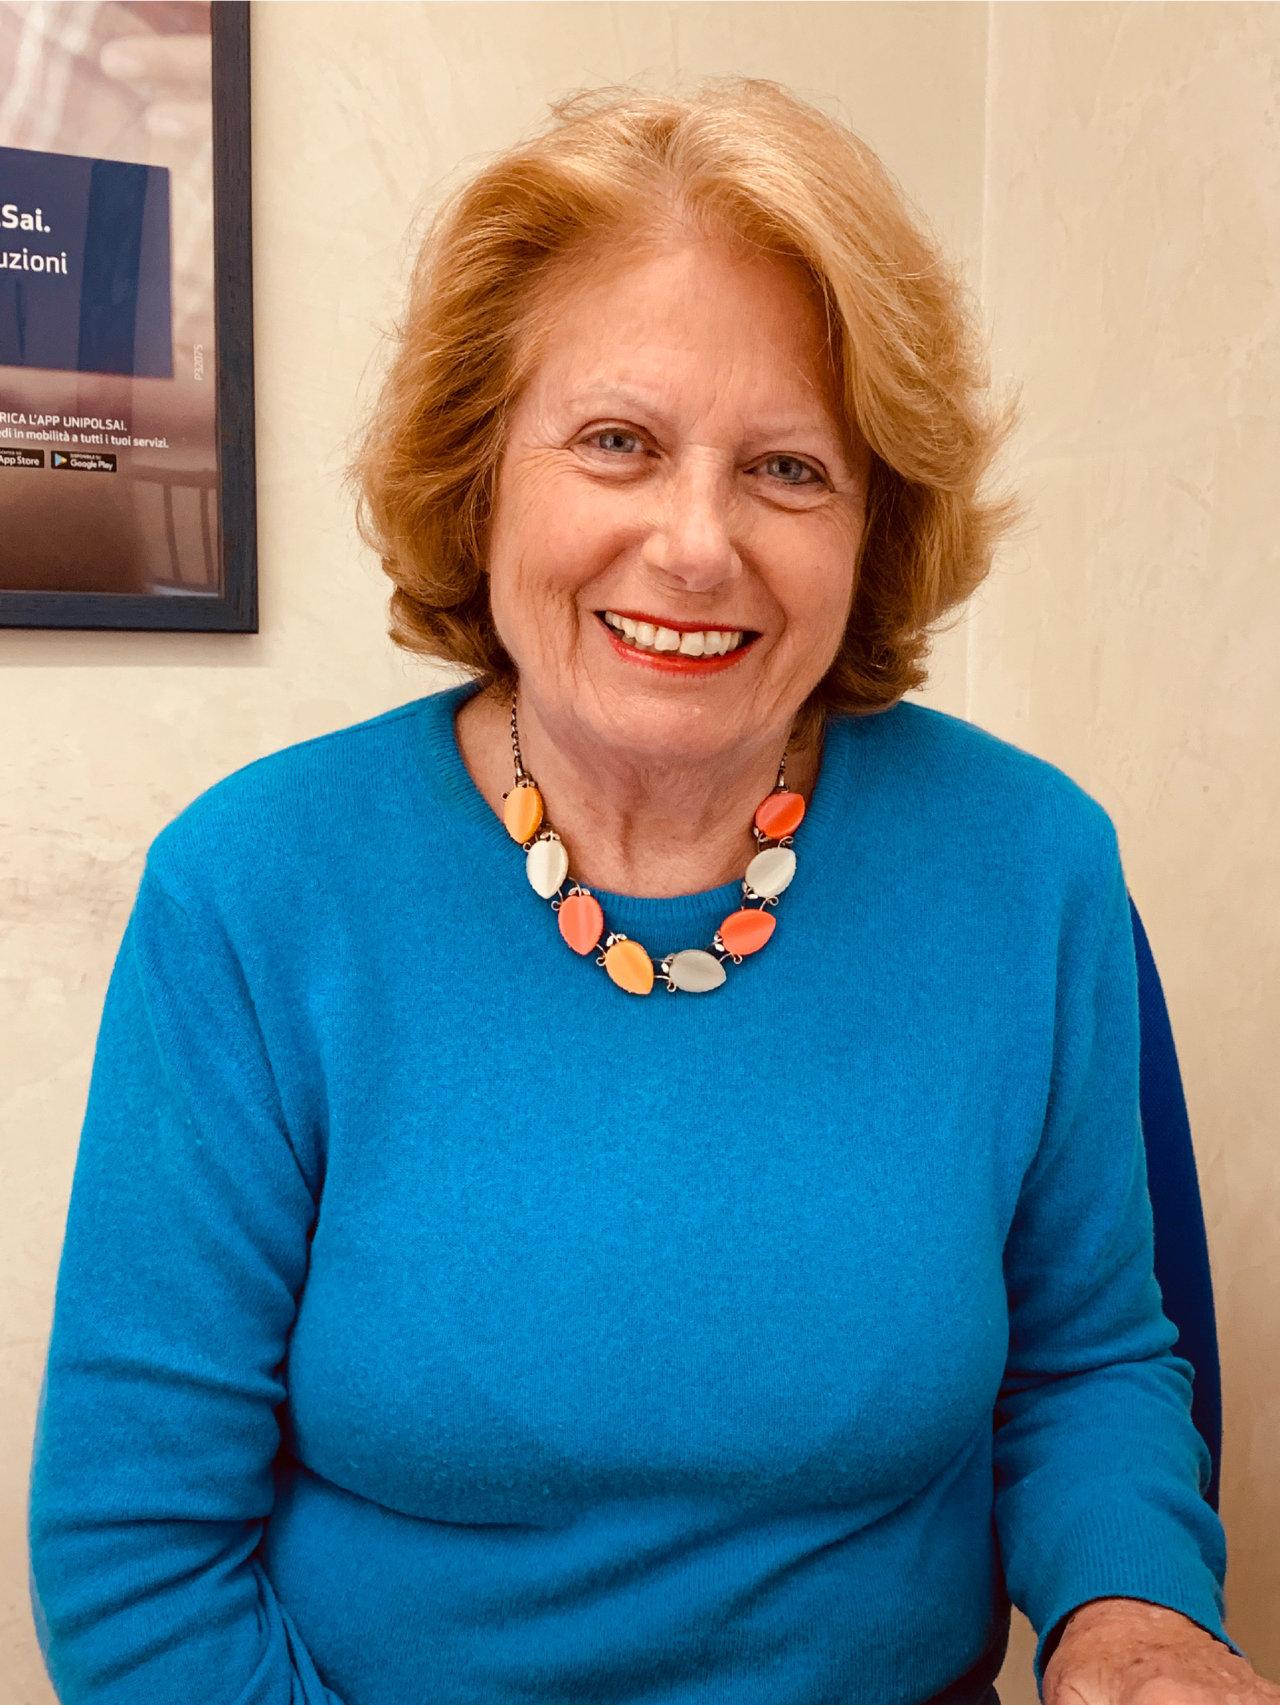 Simonetta Piattoli